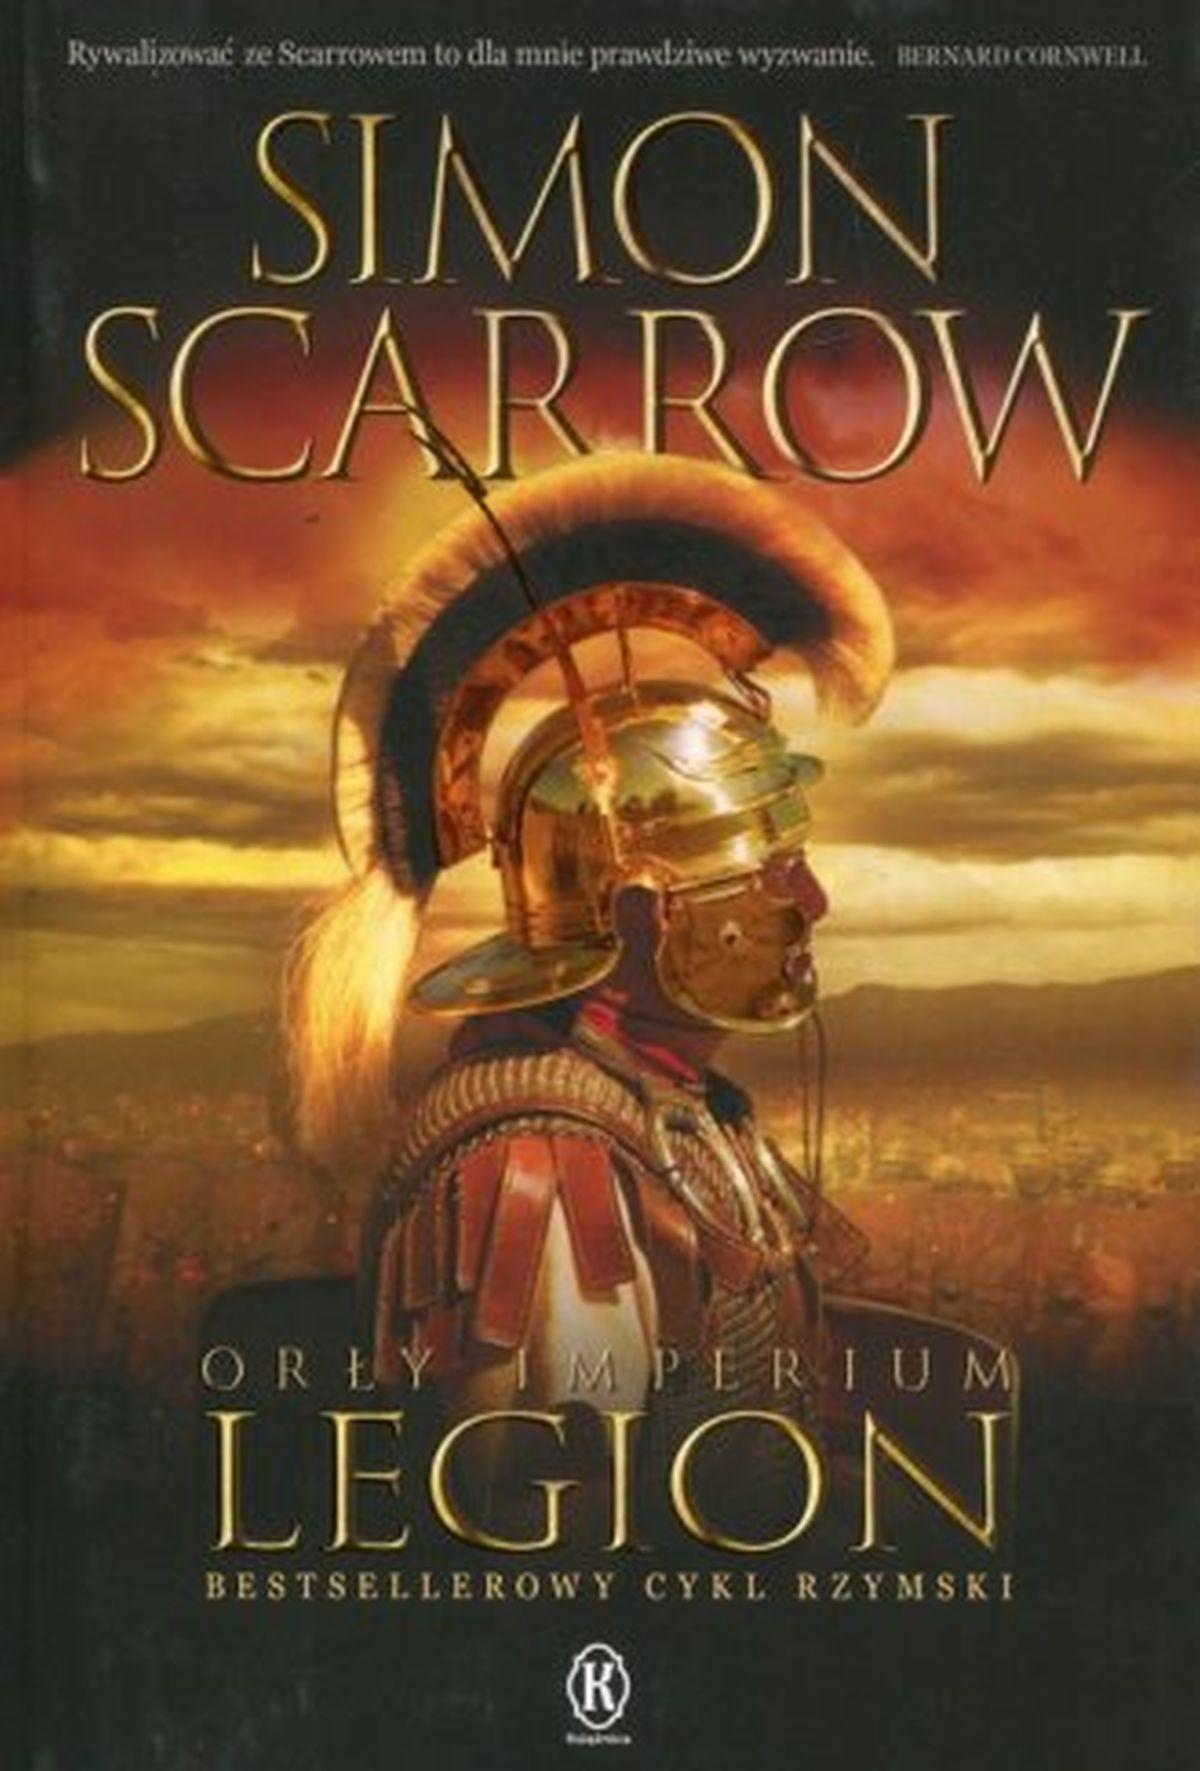 Orły imperium 10. Legion